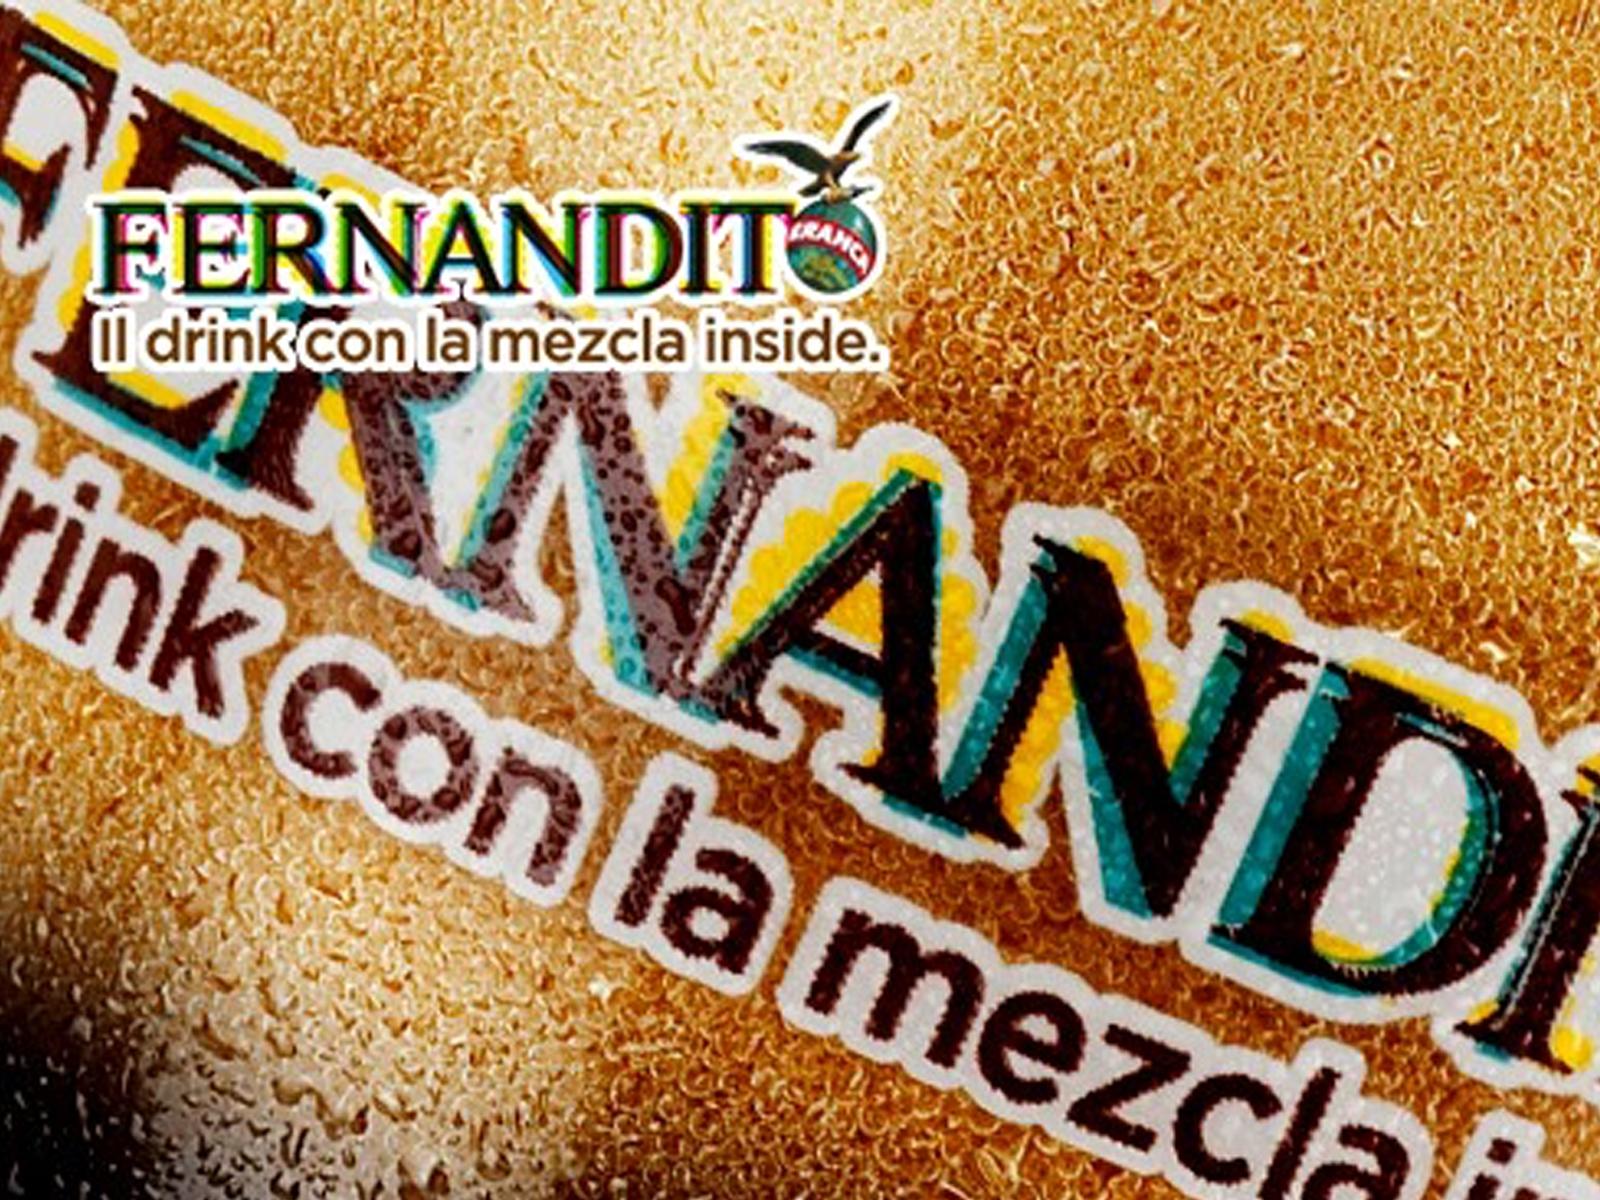 fernandito 1